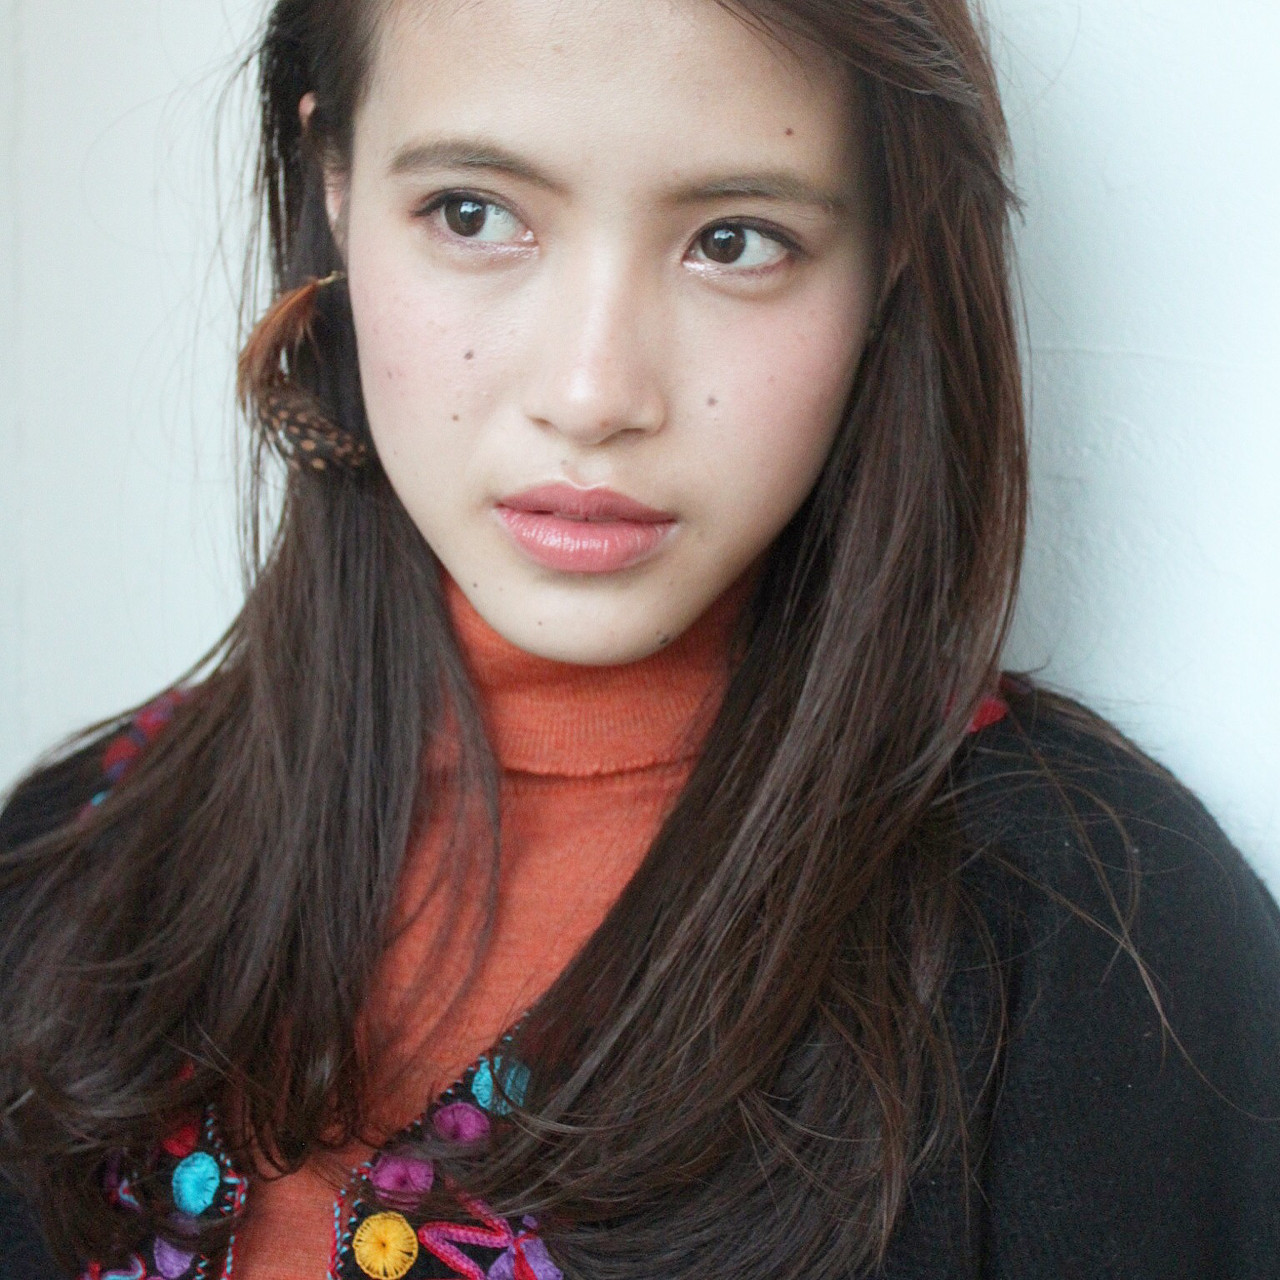 ナチュラル フェミニン ロング モード ヘアスタイルや髪型の写真・画像 | okubo shigeru / Salt hair